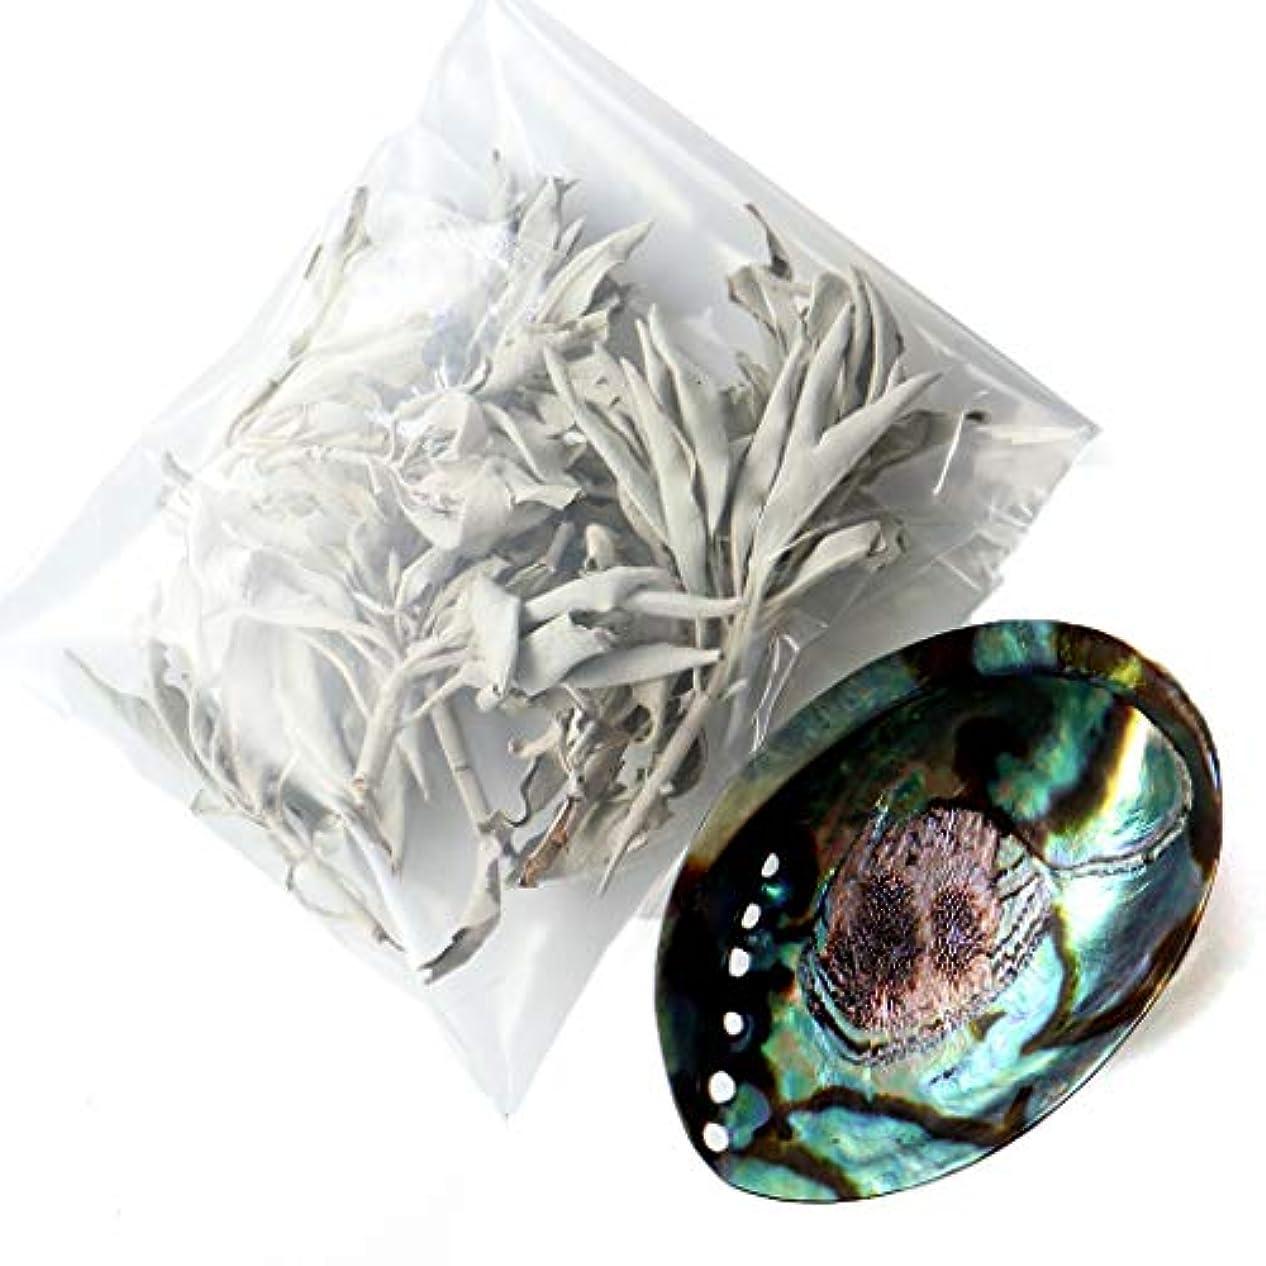 悲惨な樹皮書誌ホワイトセージ 枝付き 30g前後 アバロンシェル 浄化皿 セット